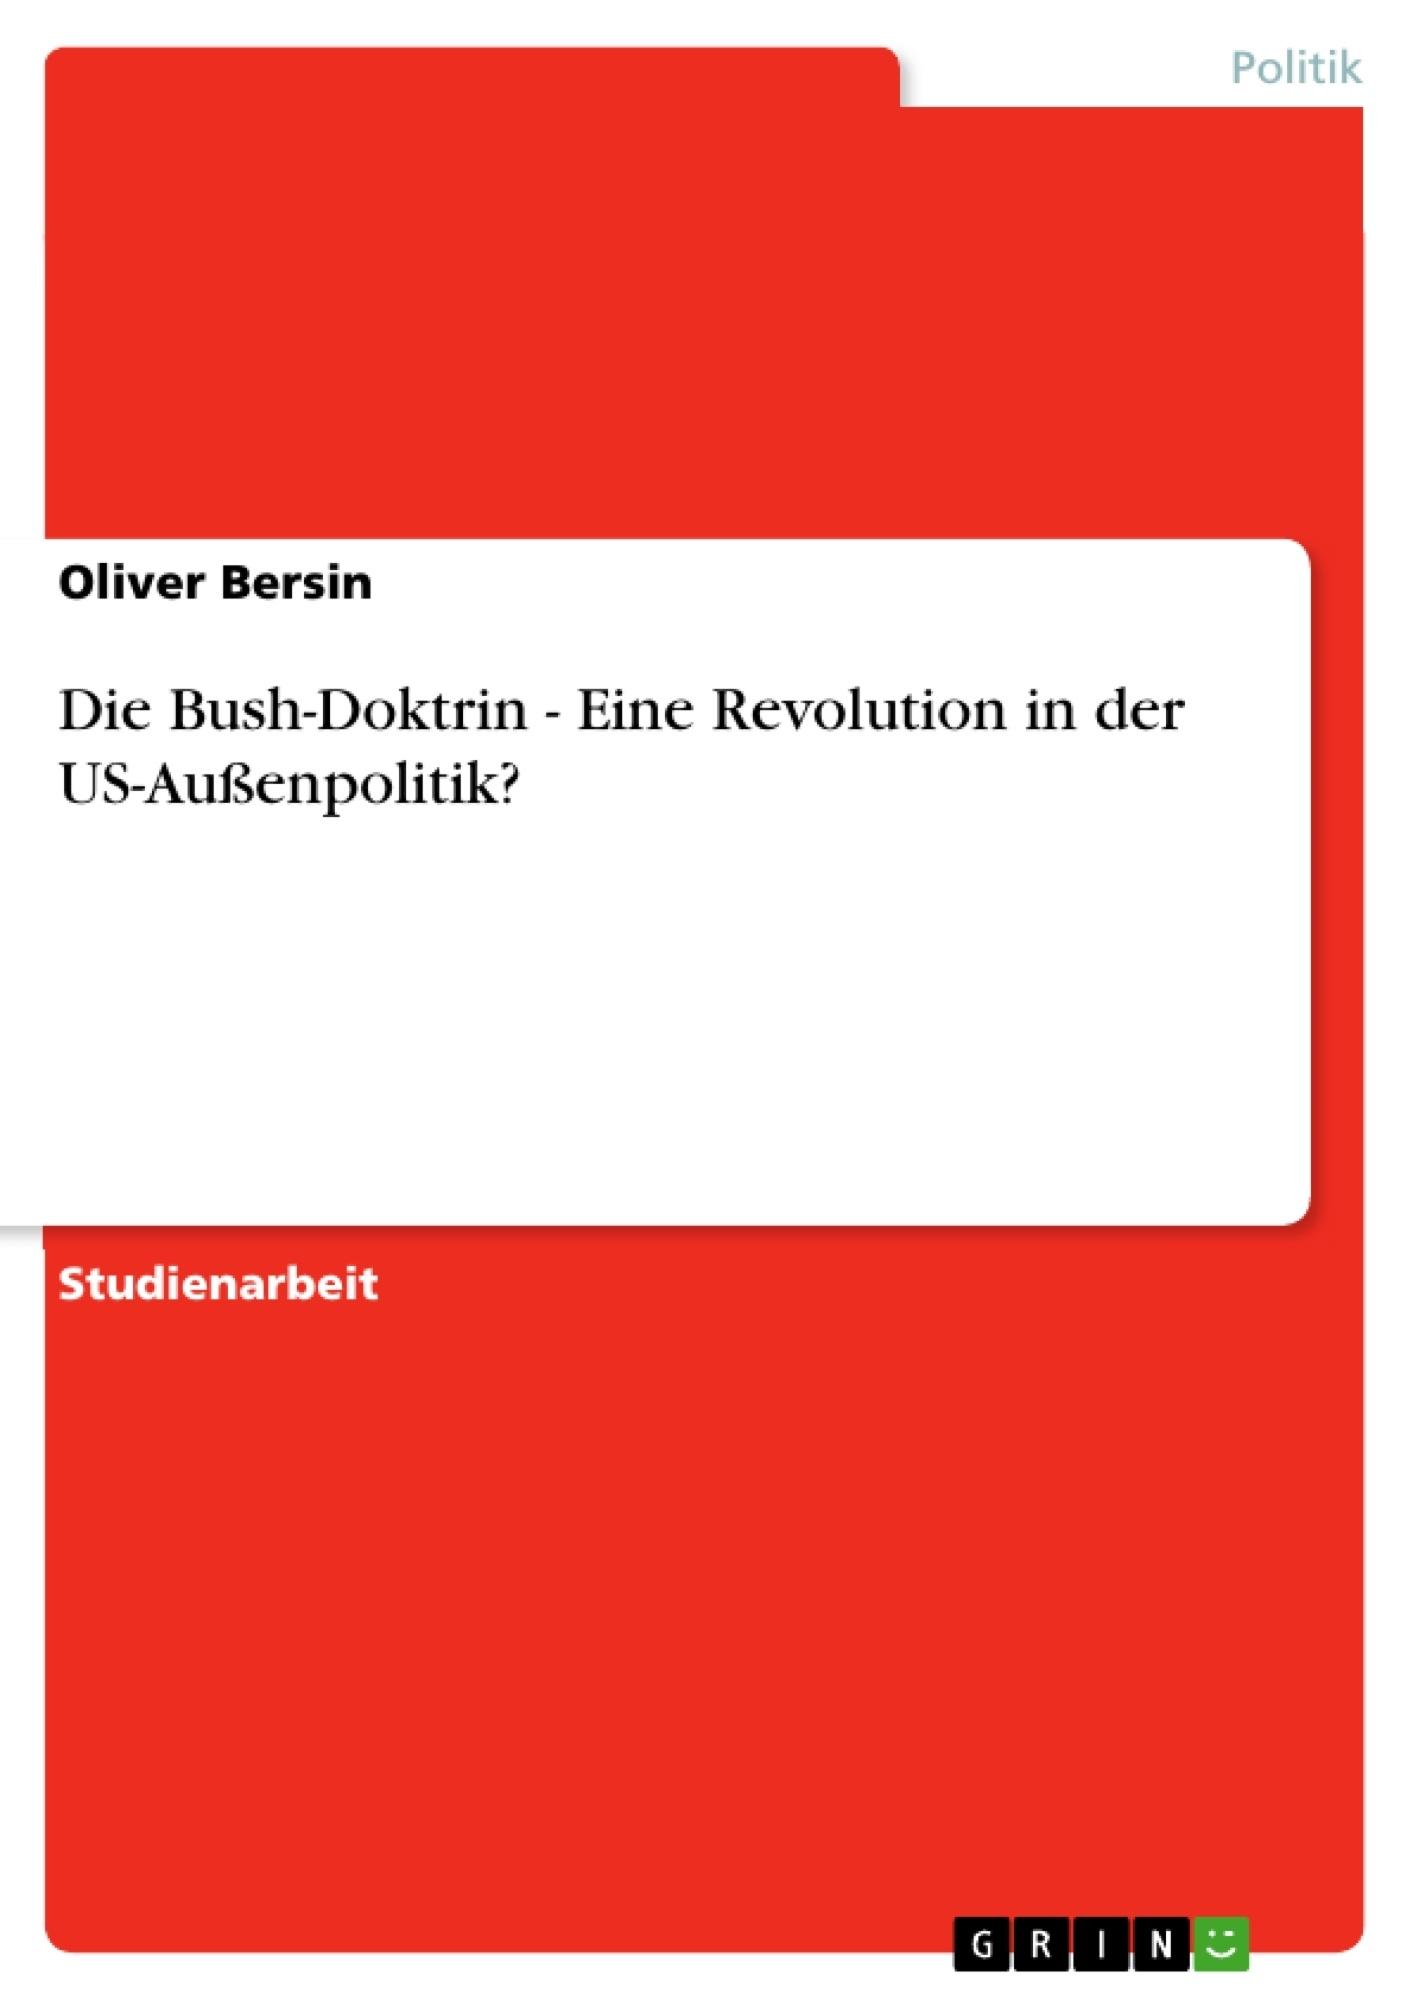 Titel: Die Bush-Doktrin - Eine Revolution in der US-Außenpolitik?